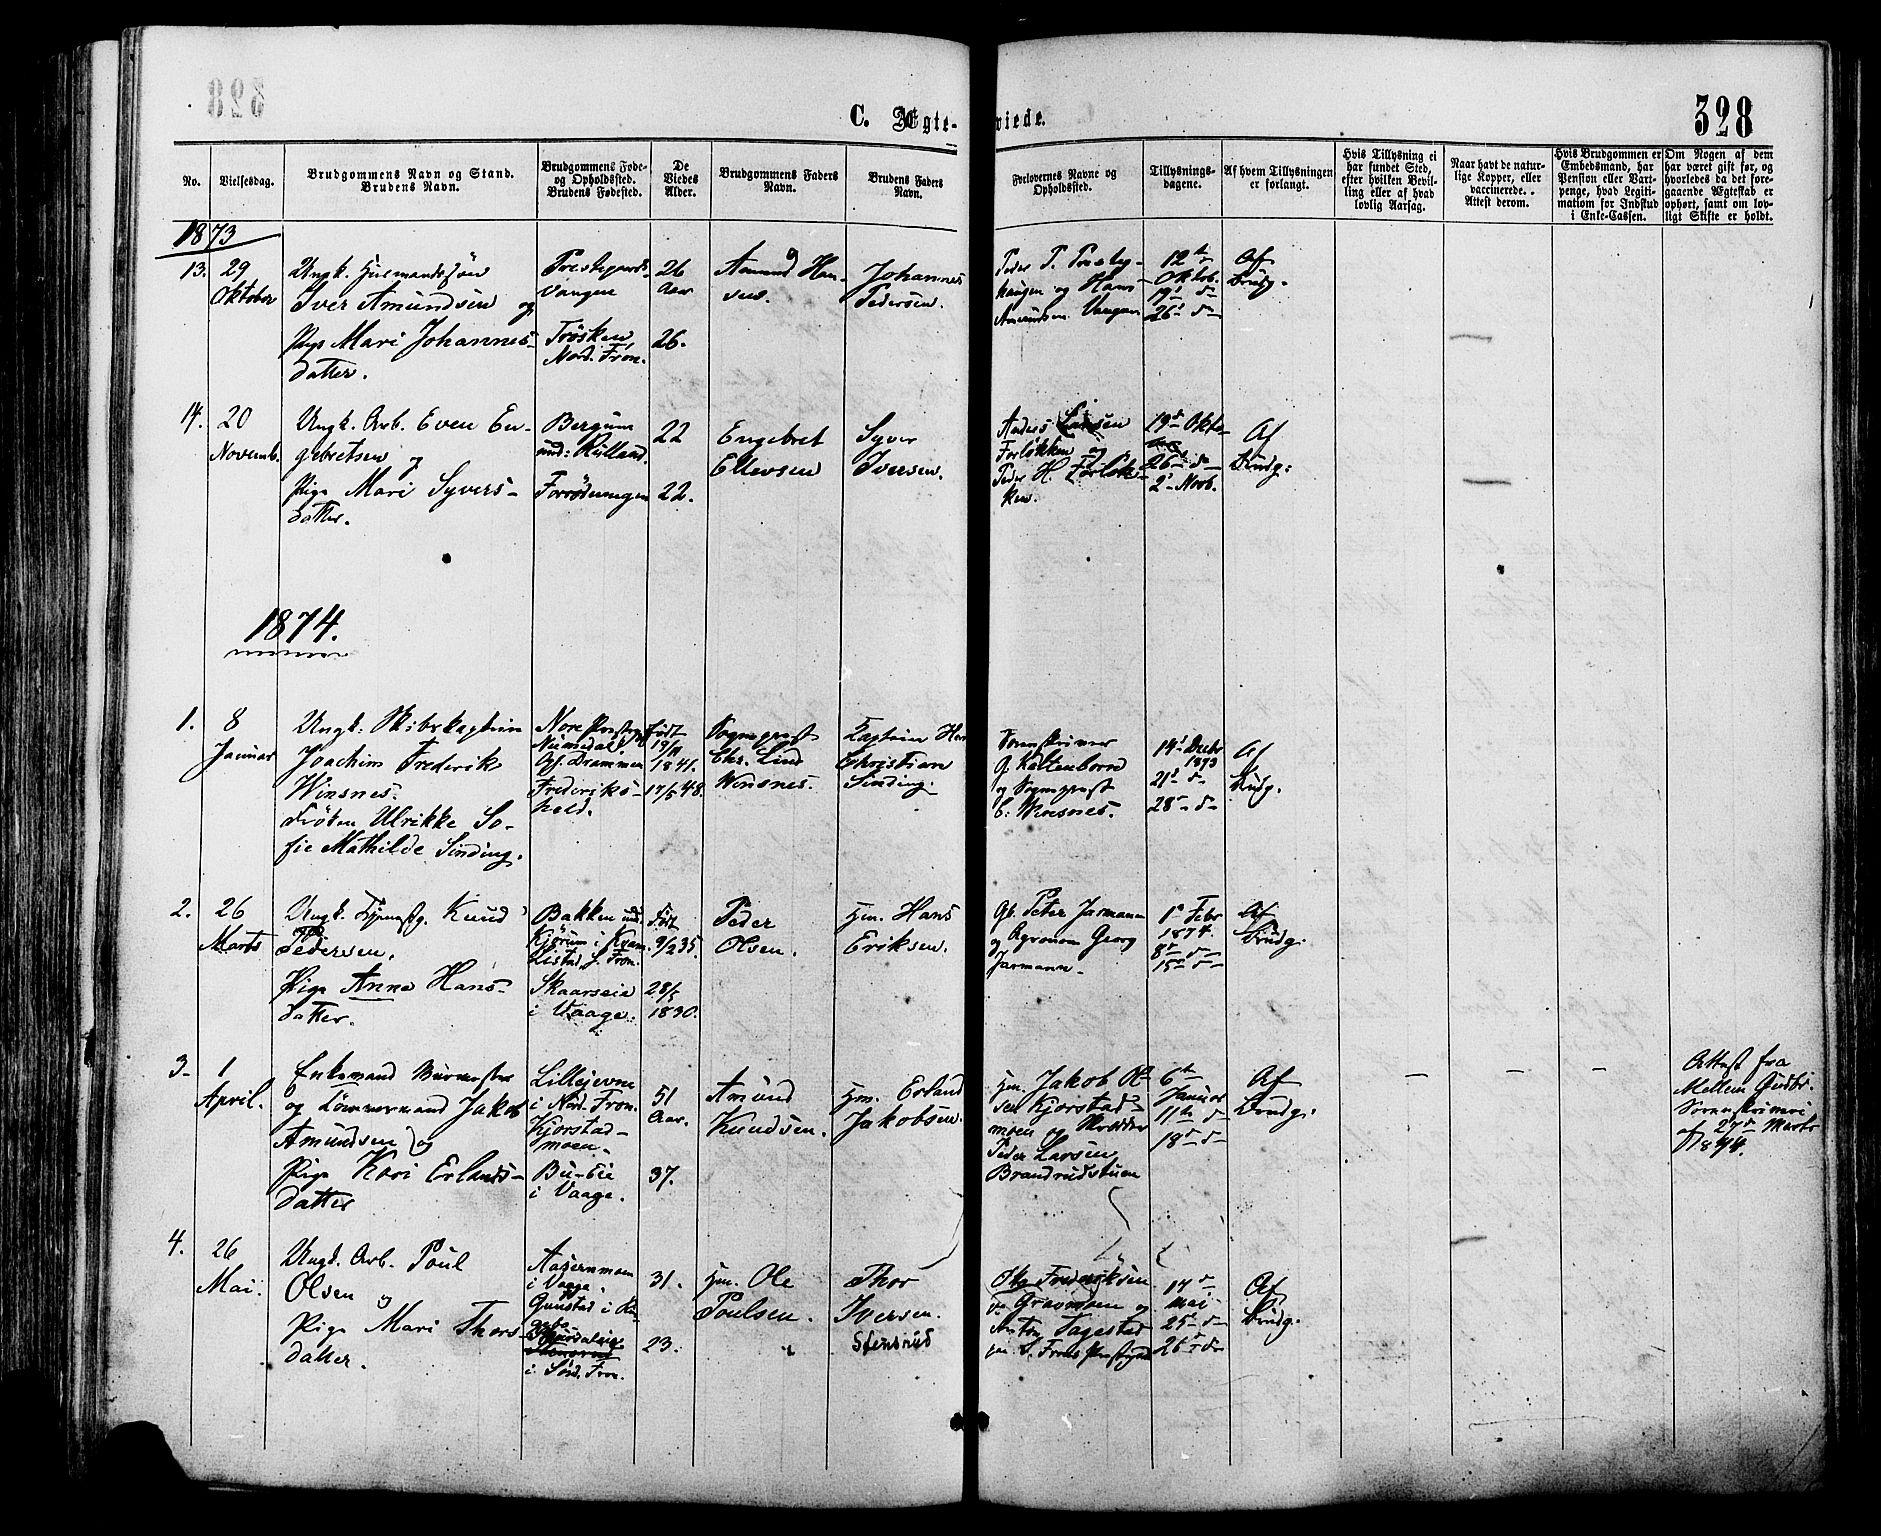 SAH, Sør-Fron prestekontor, H/Ha/Haa/L0002: Ministerialbok nr. 2, 1864-1880, s. 328